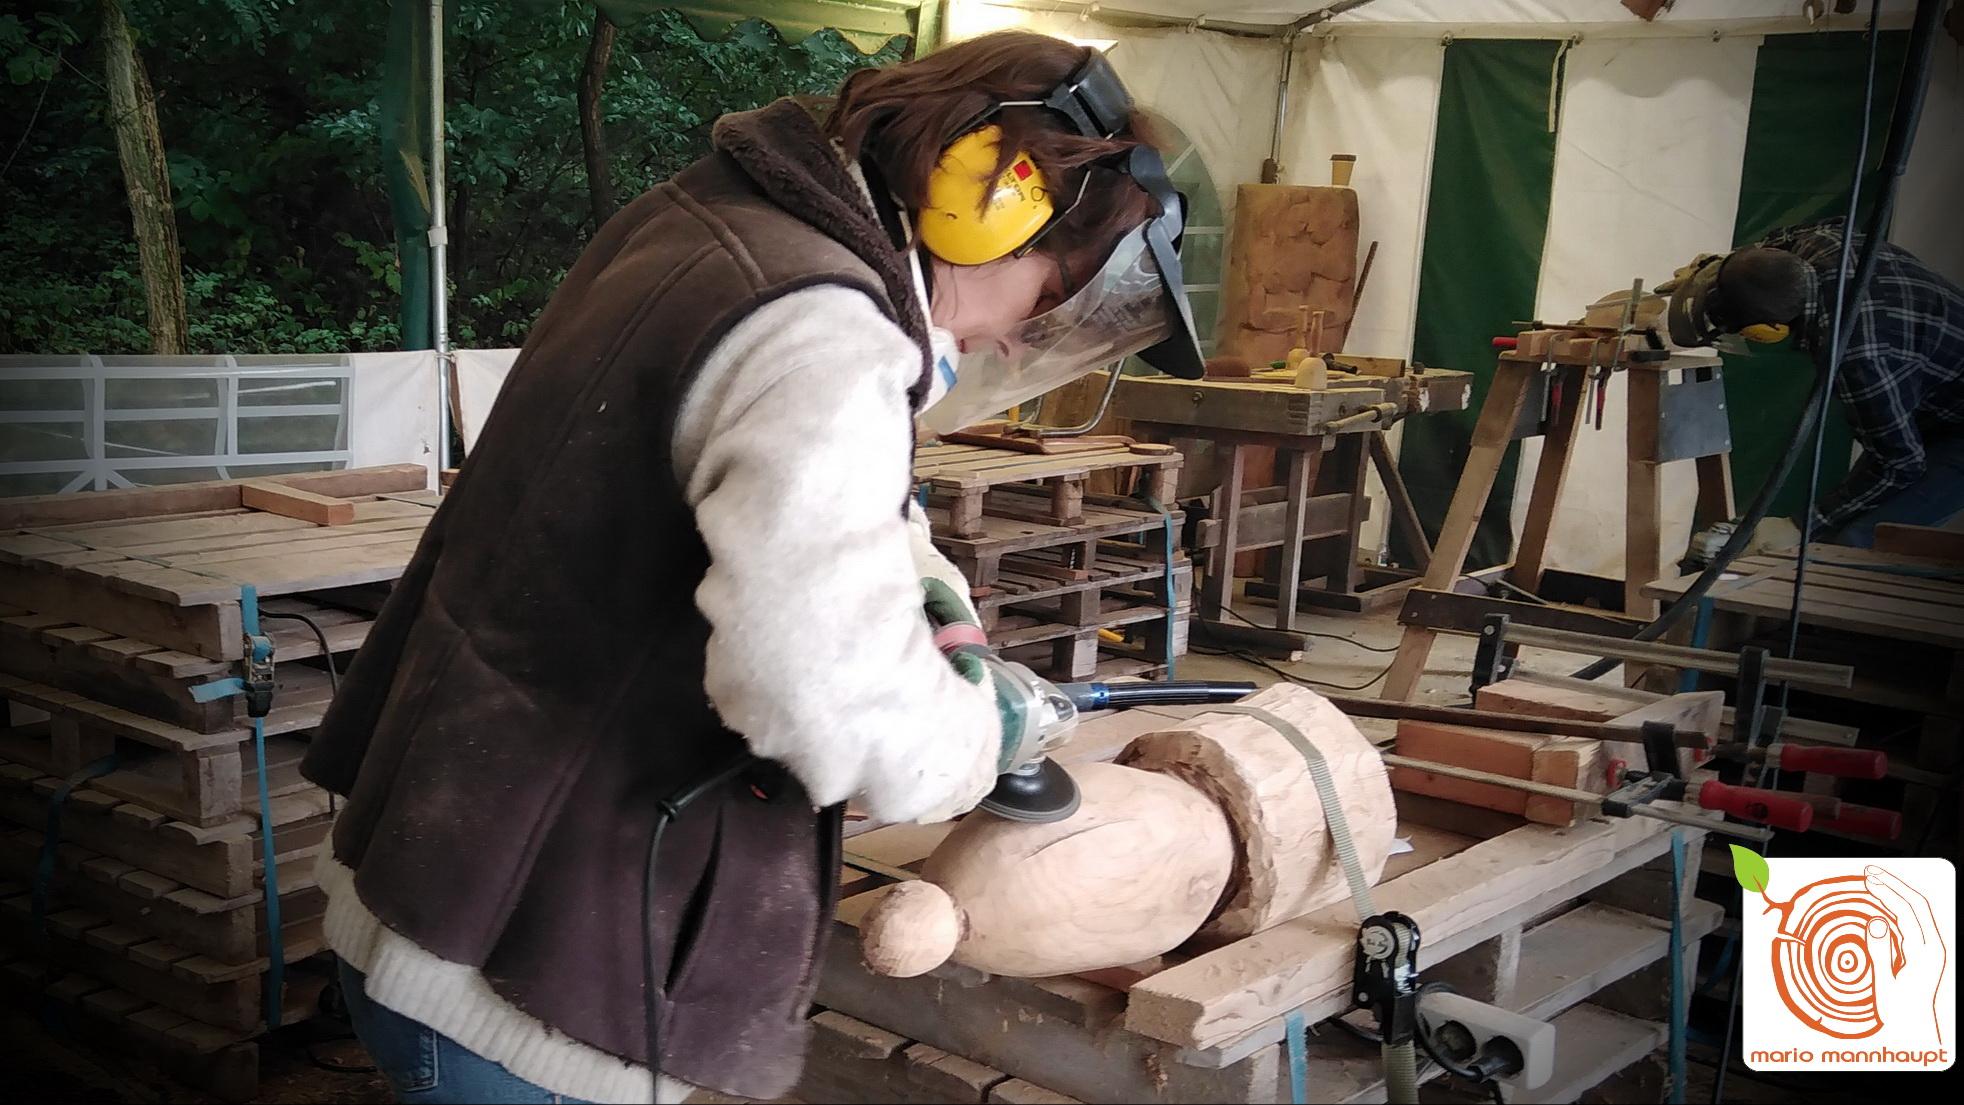 Bildhauerei im Holzbildhauerkurs K1 erlernen in Luckenwalde bei Berlin